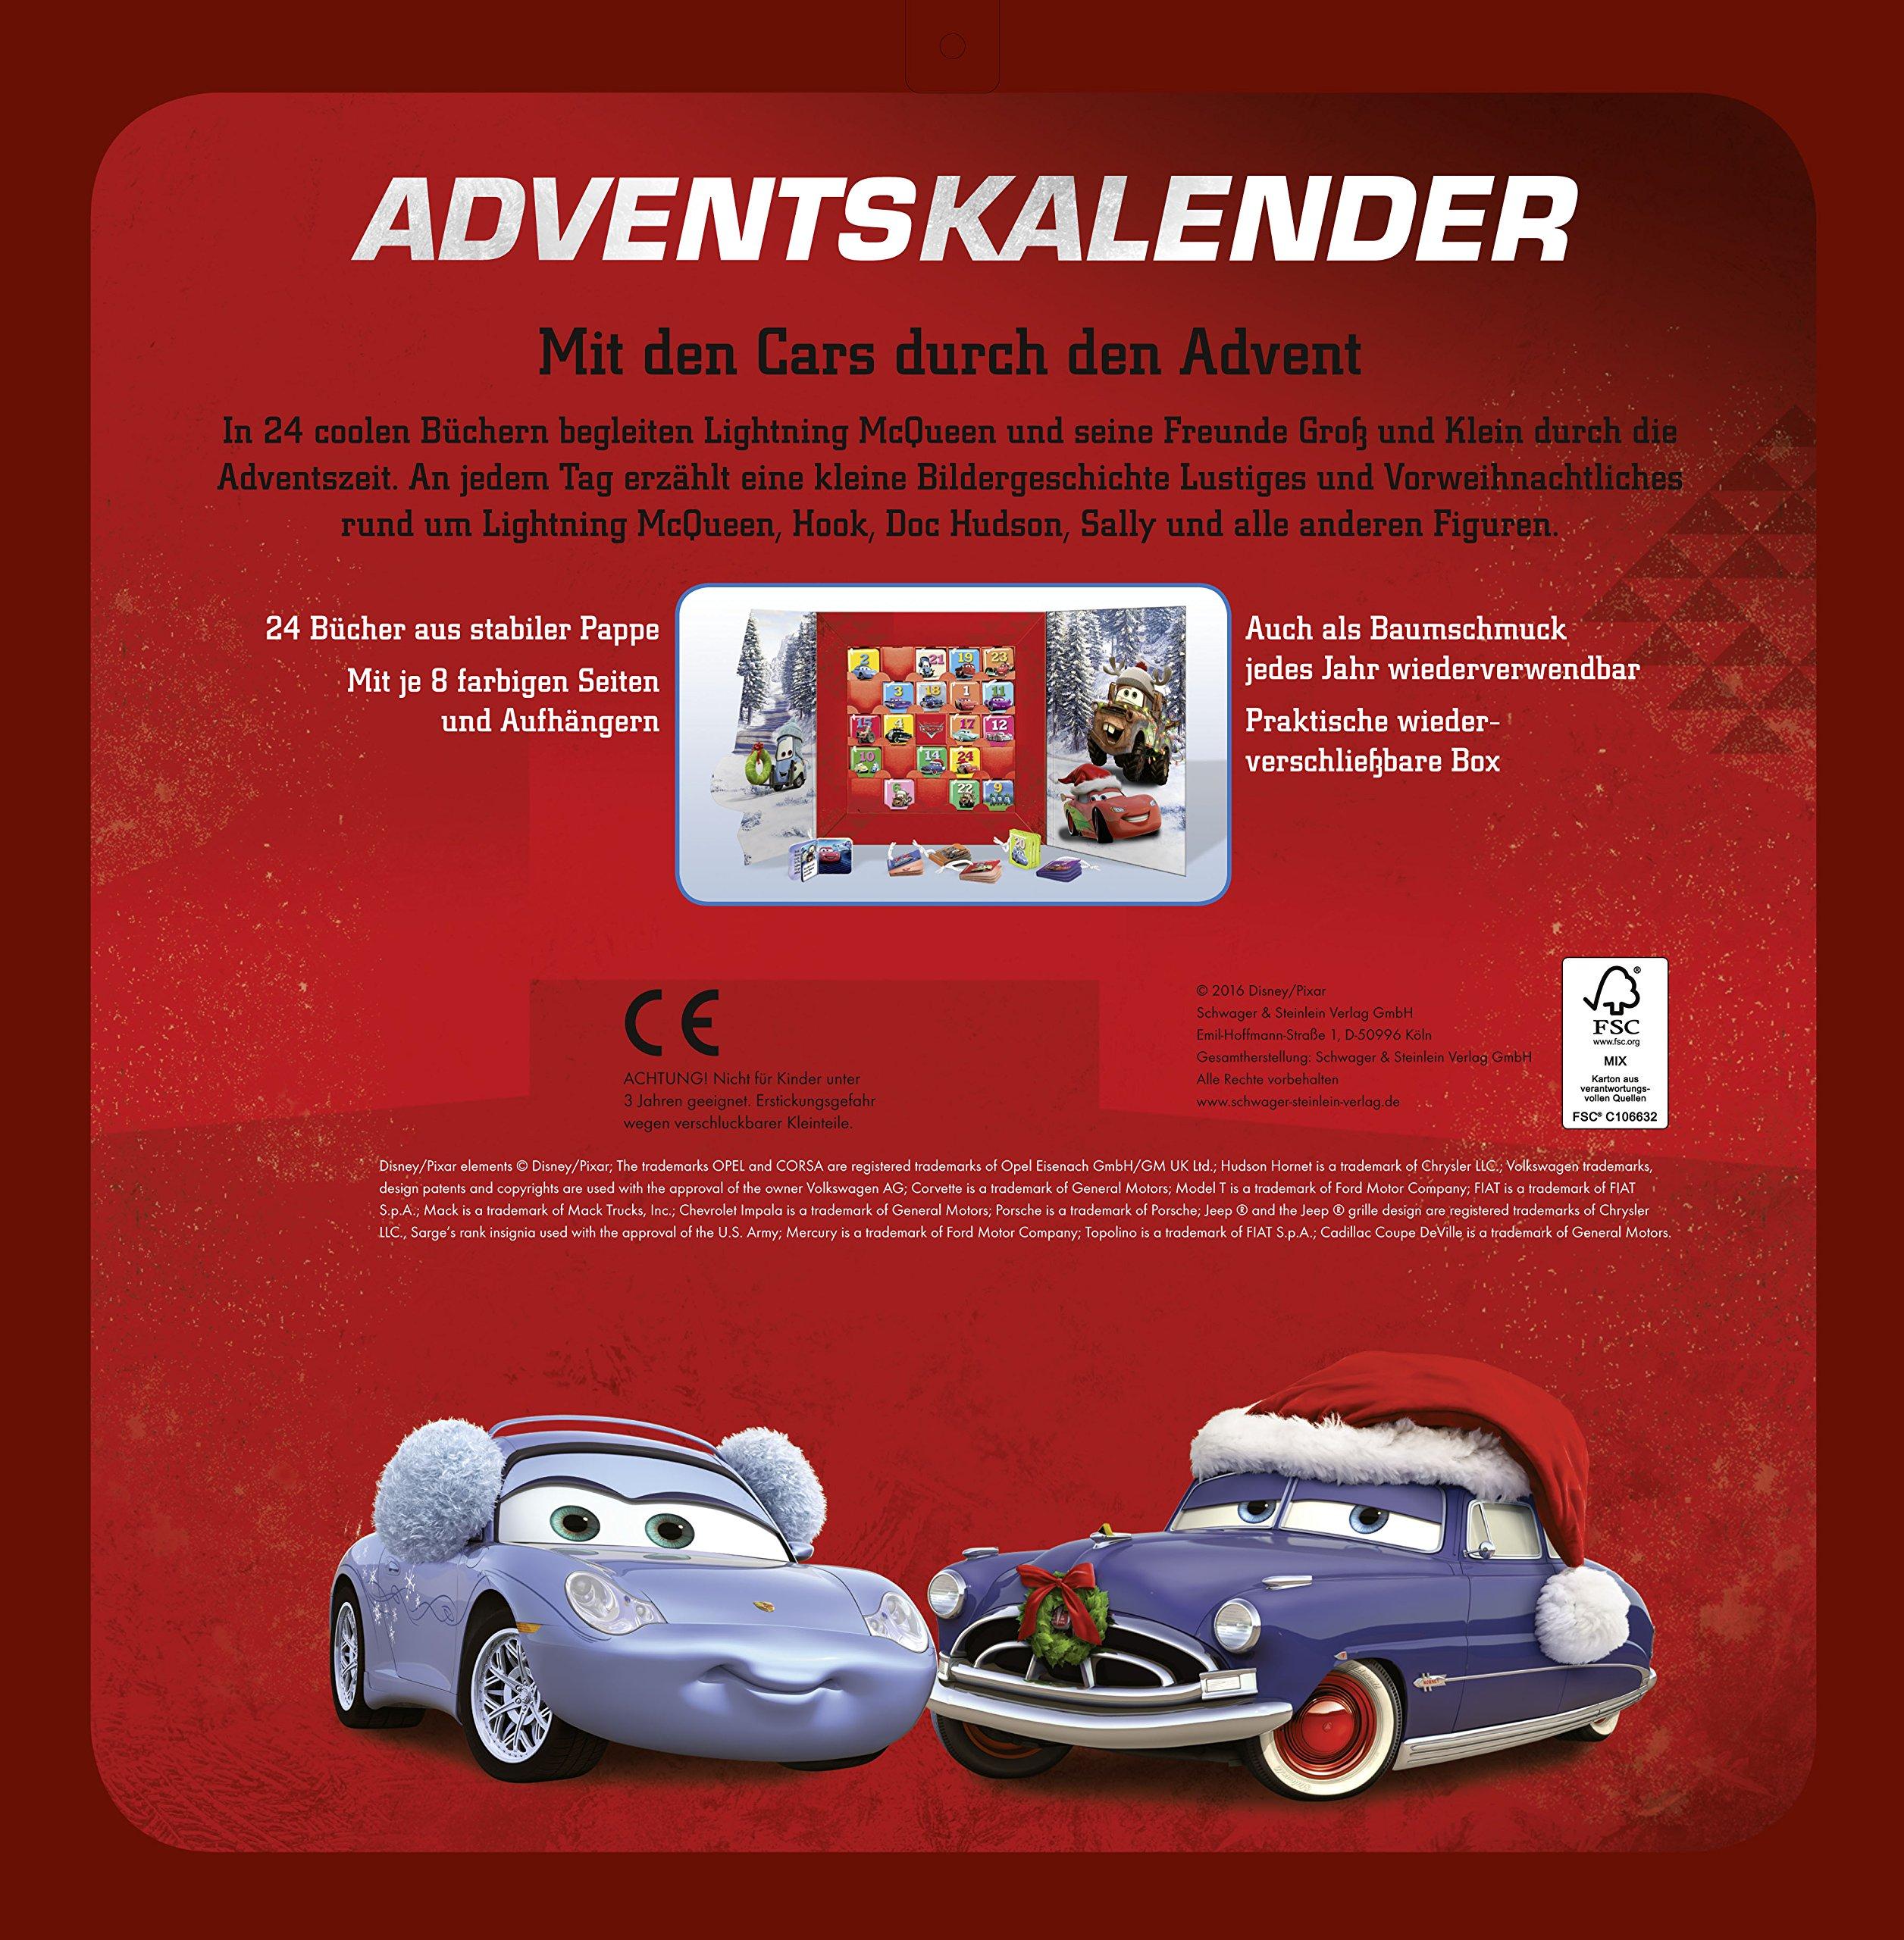 Cars Weihnachtskalender.Cars Mein Adventskalender 9783849909505 Amazon Com Books